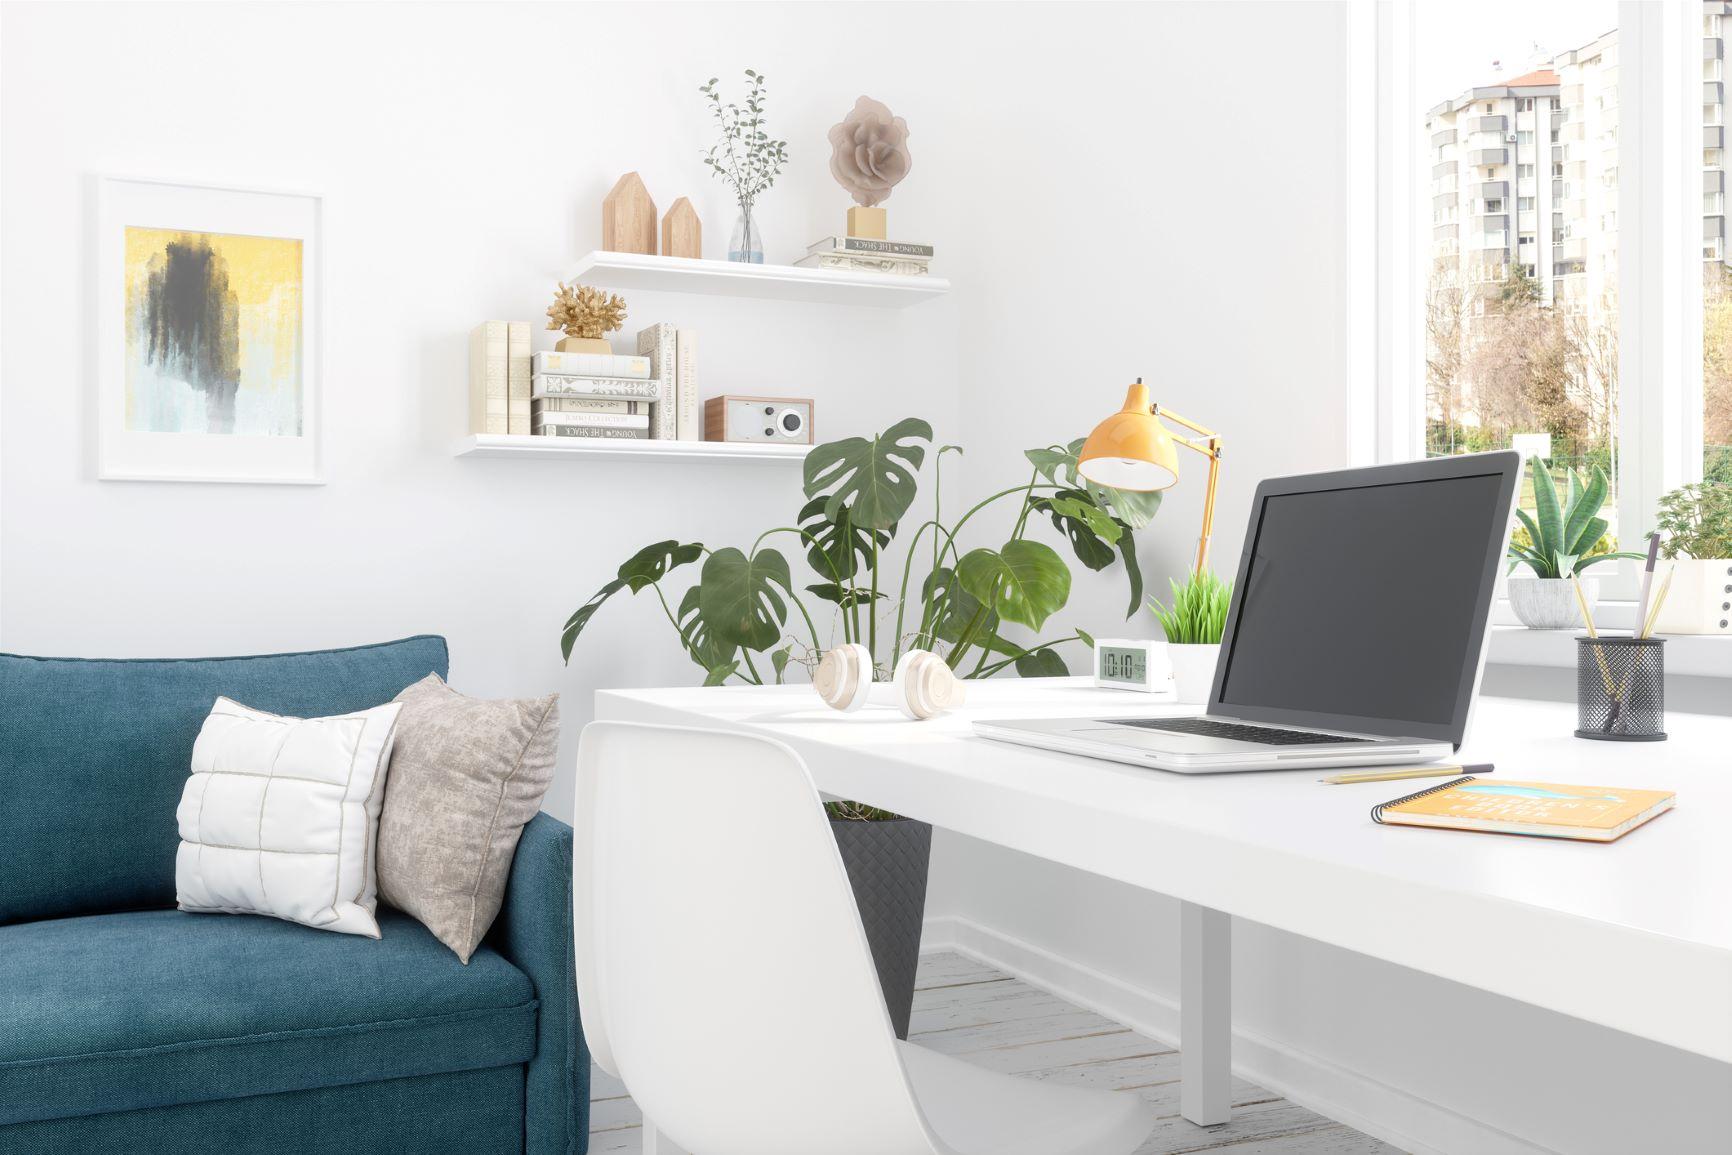 Productief thuiswerken